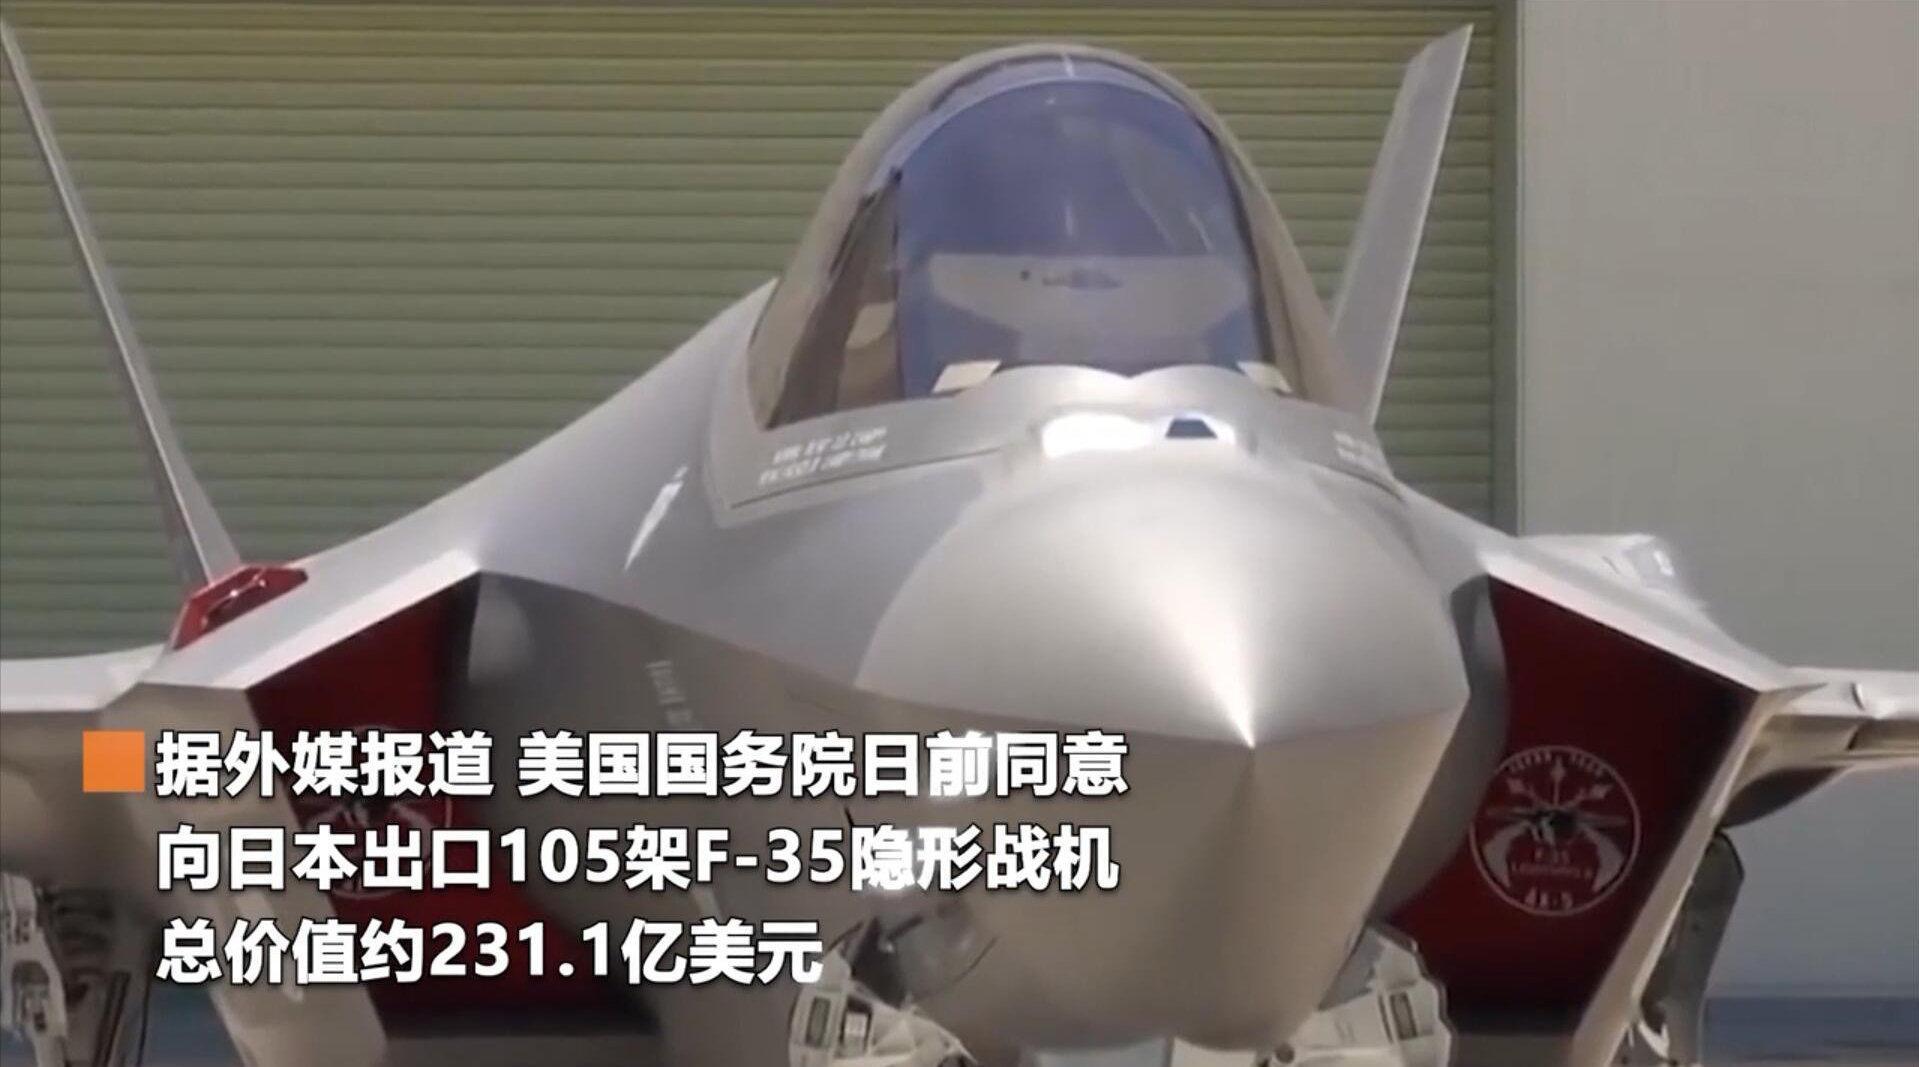 美国批准对日本出口105架F-35,组建世界第二大F-35隐身机群!